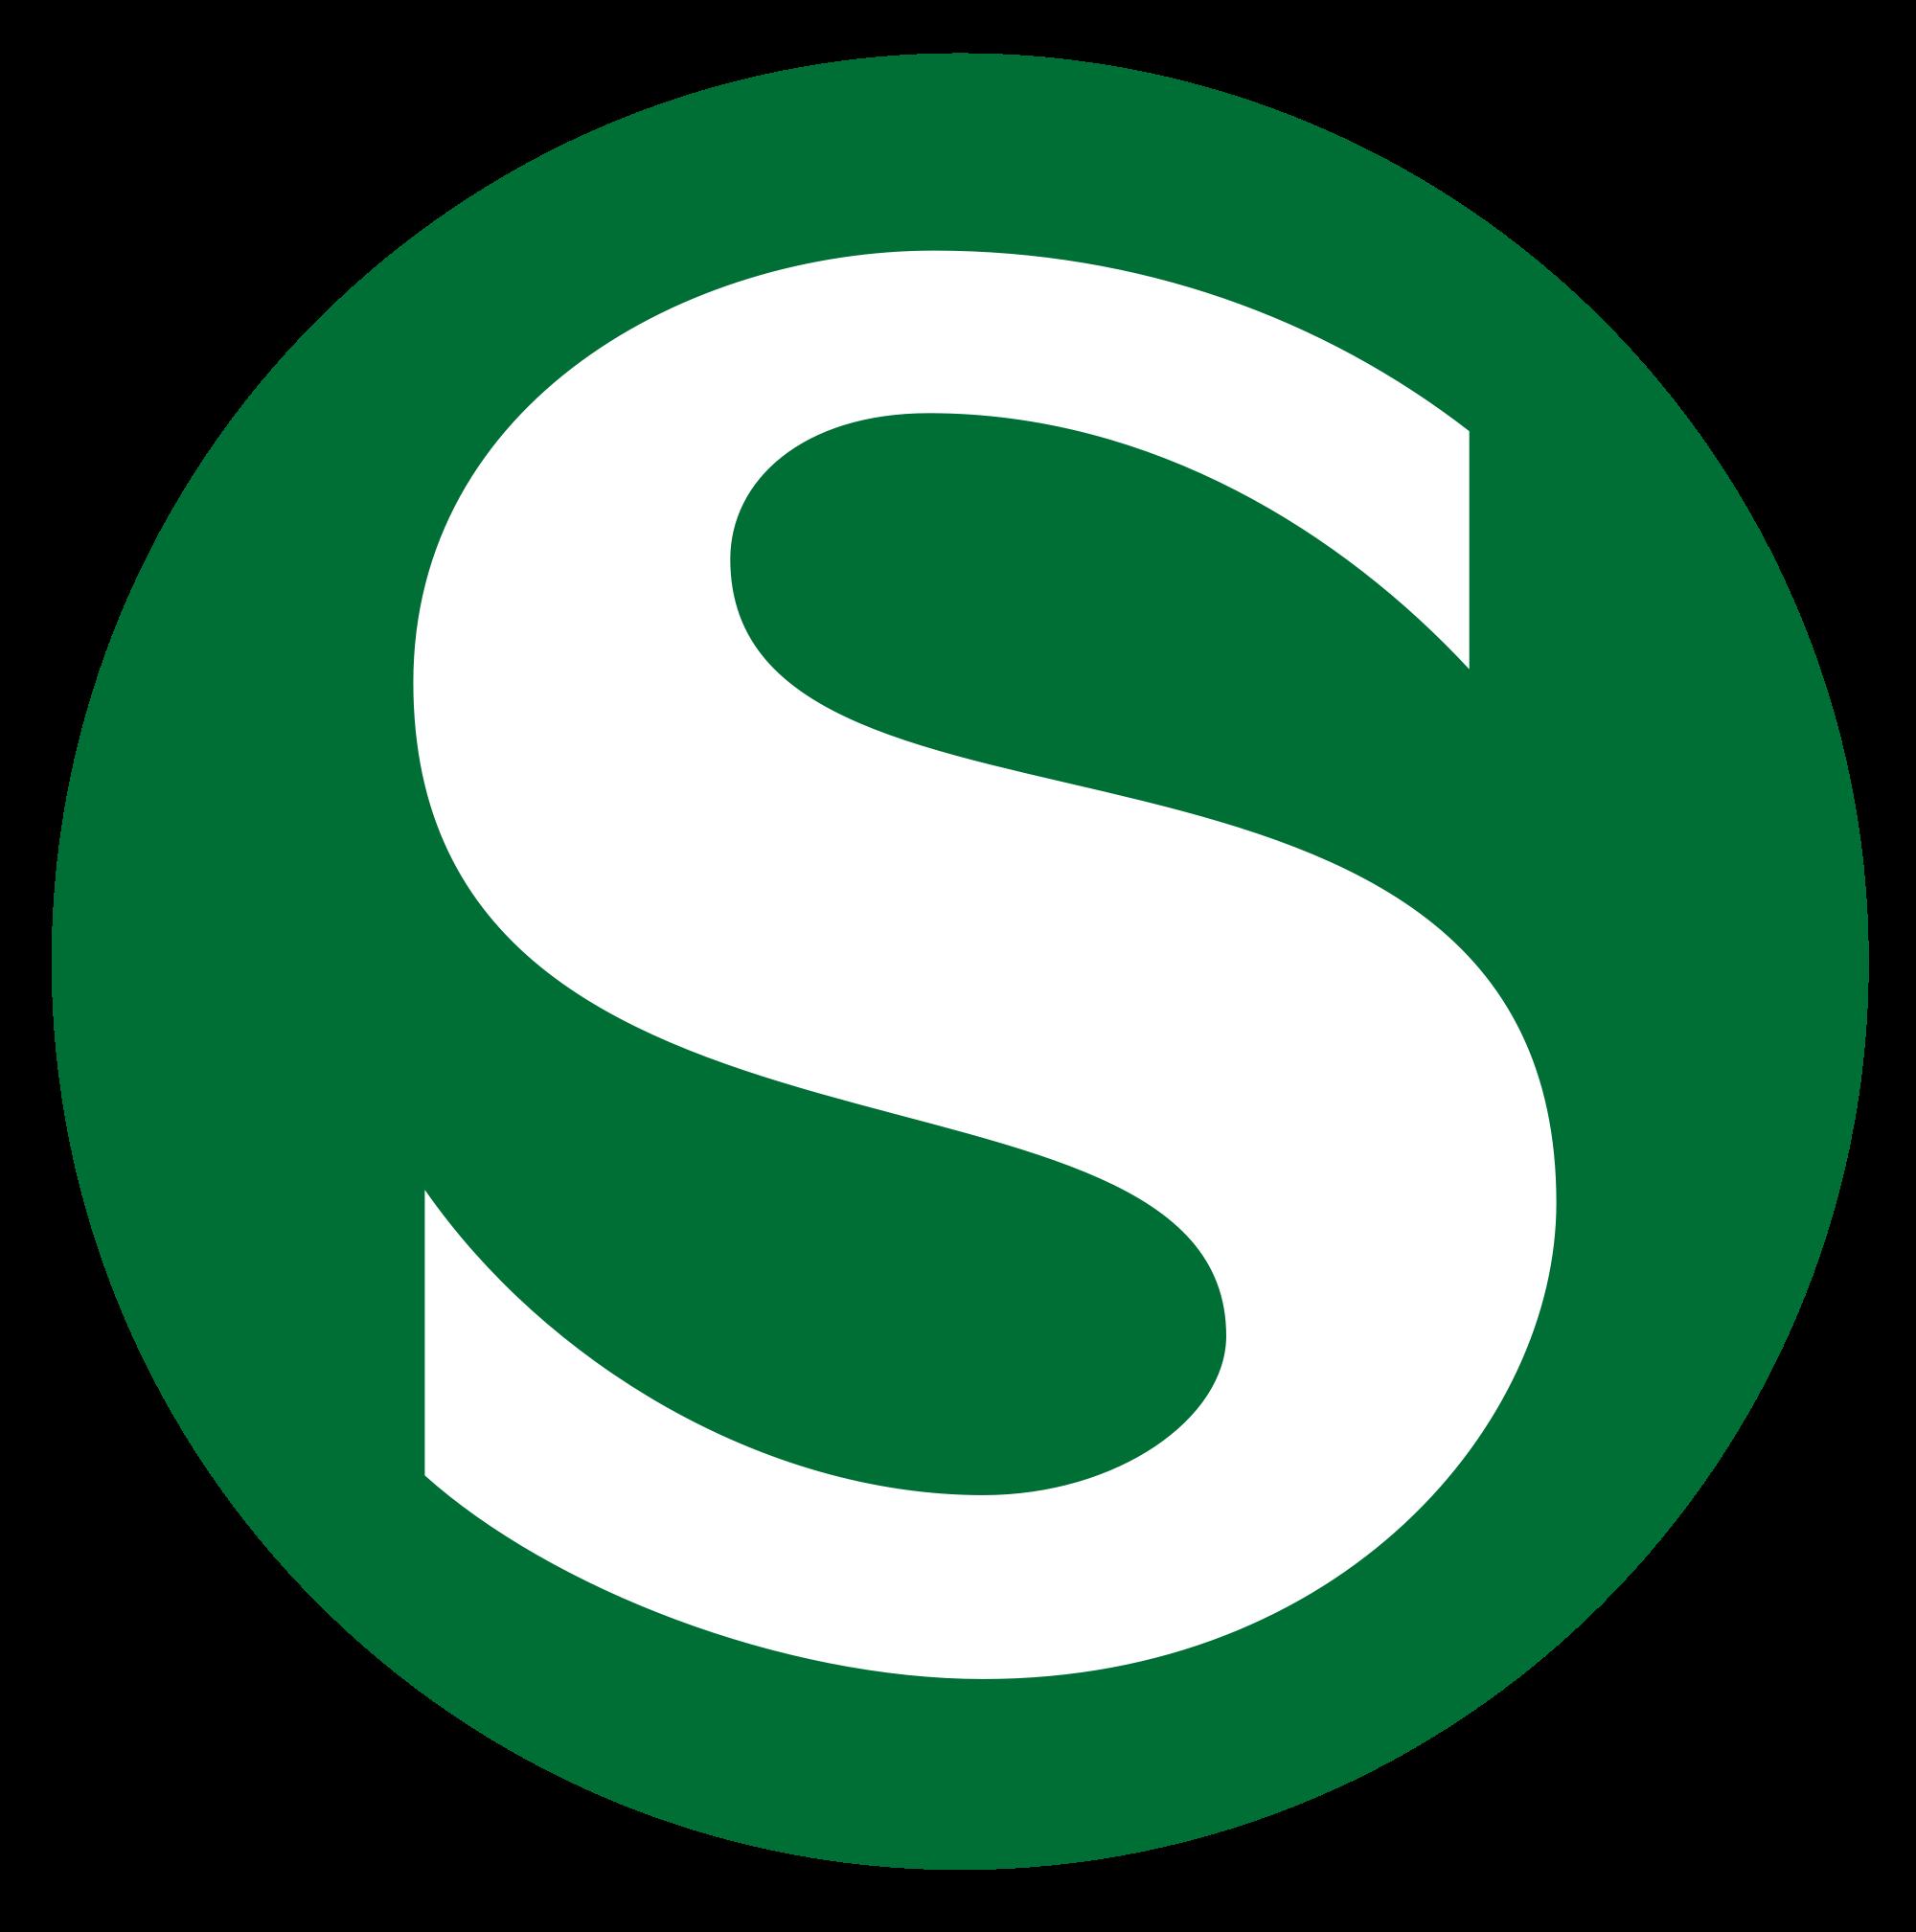 File:S.